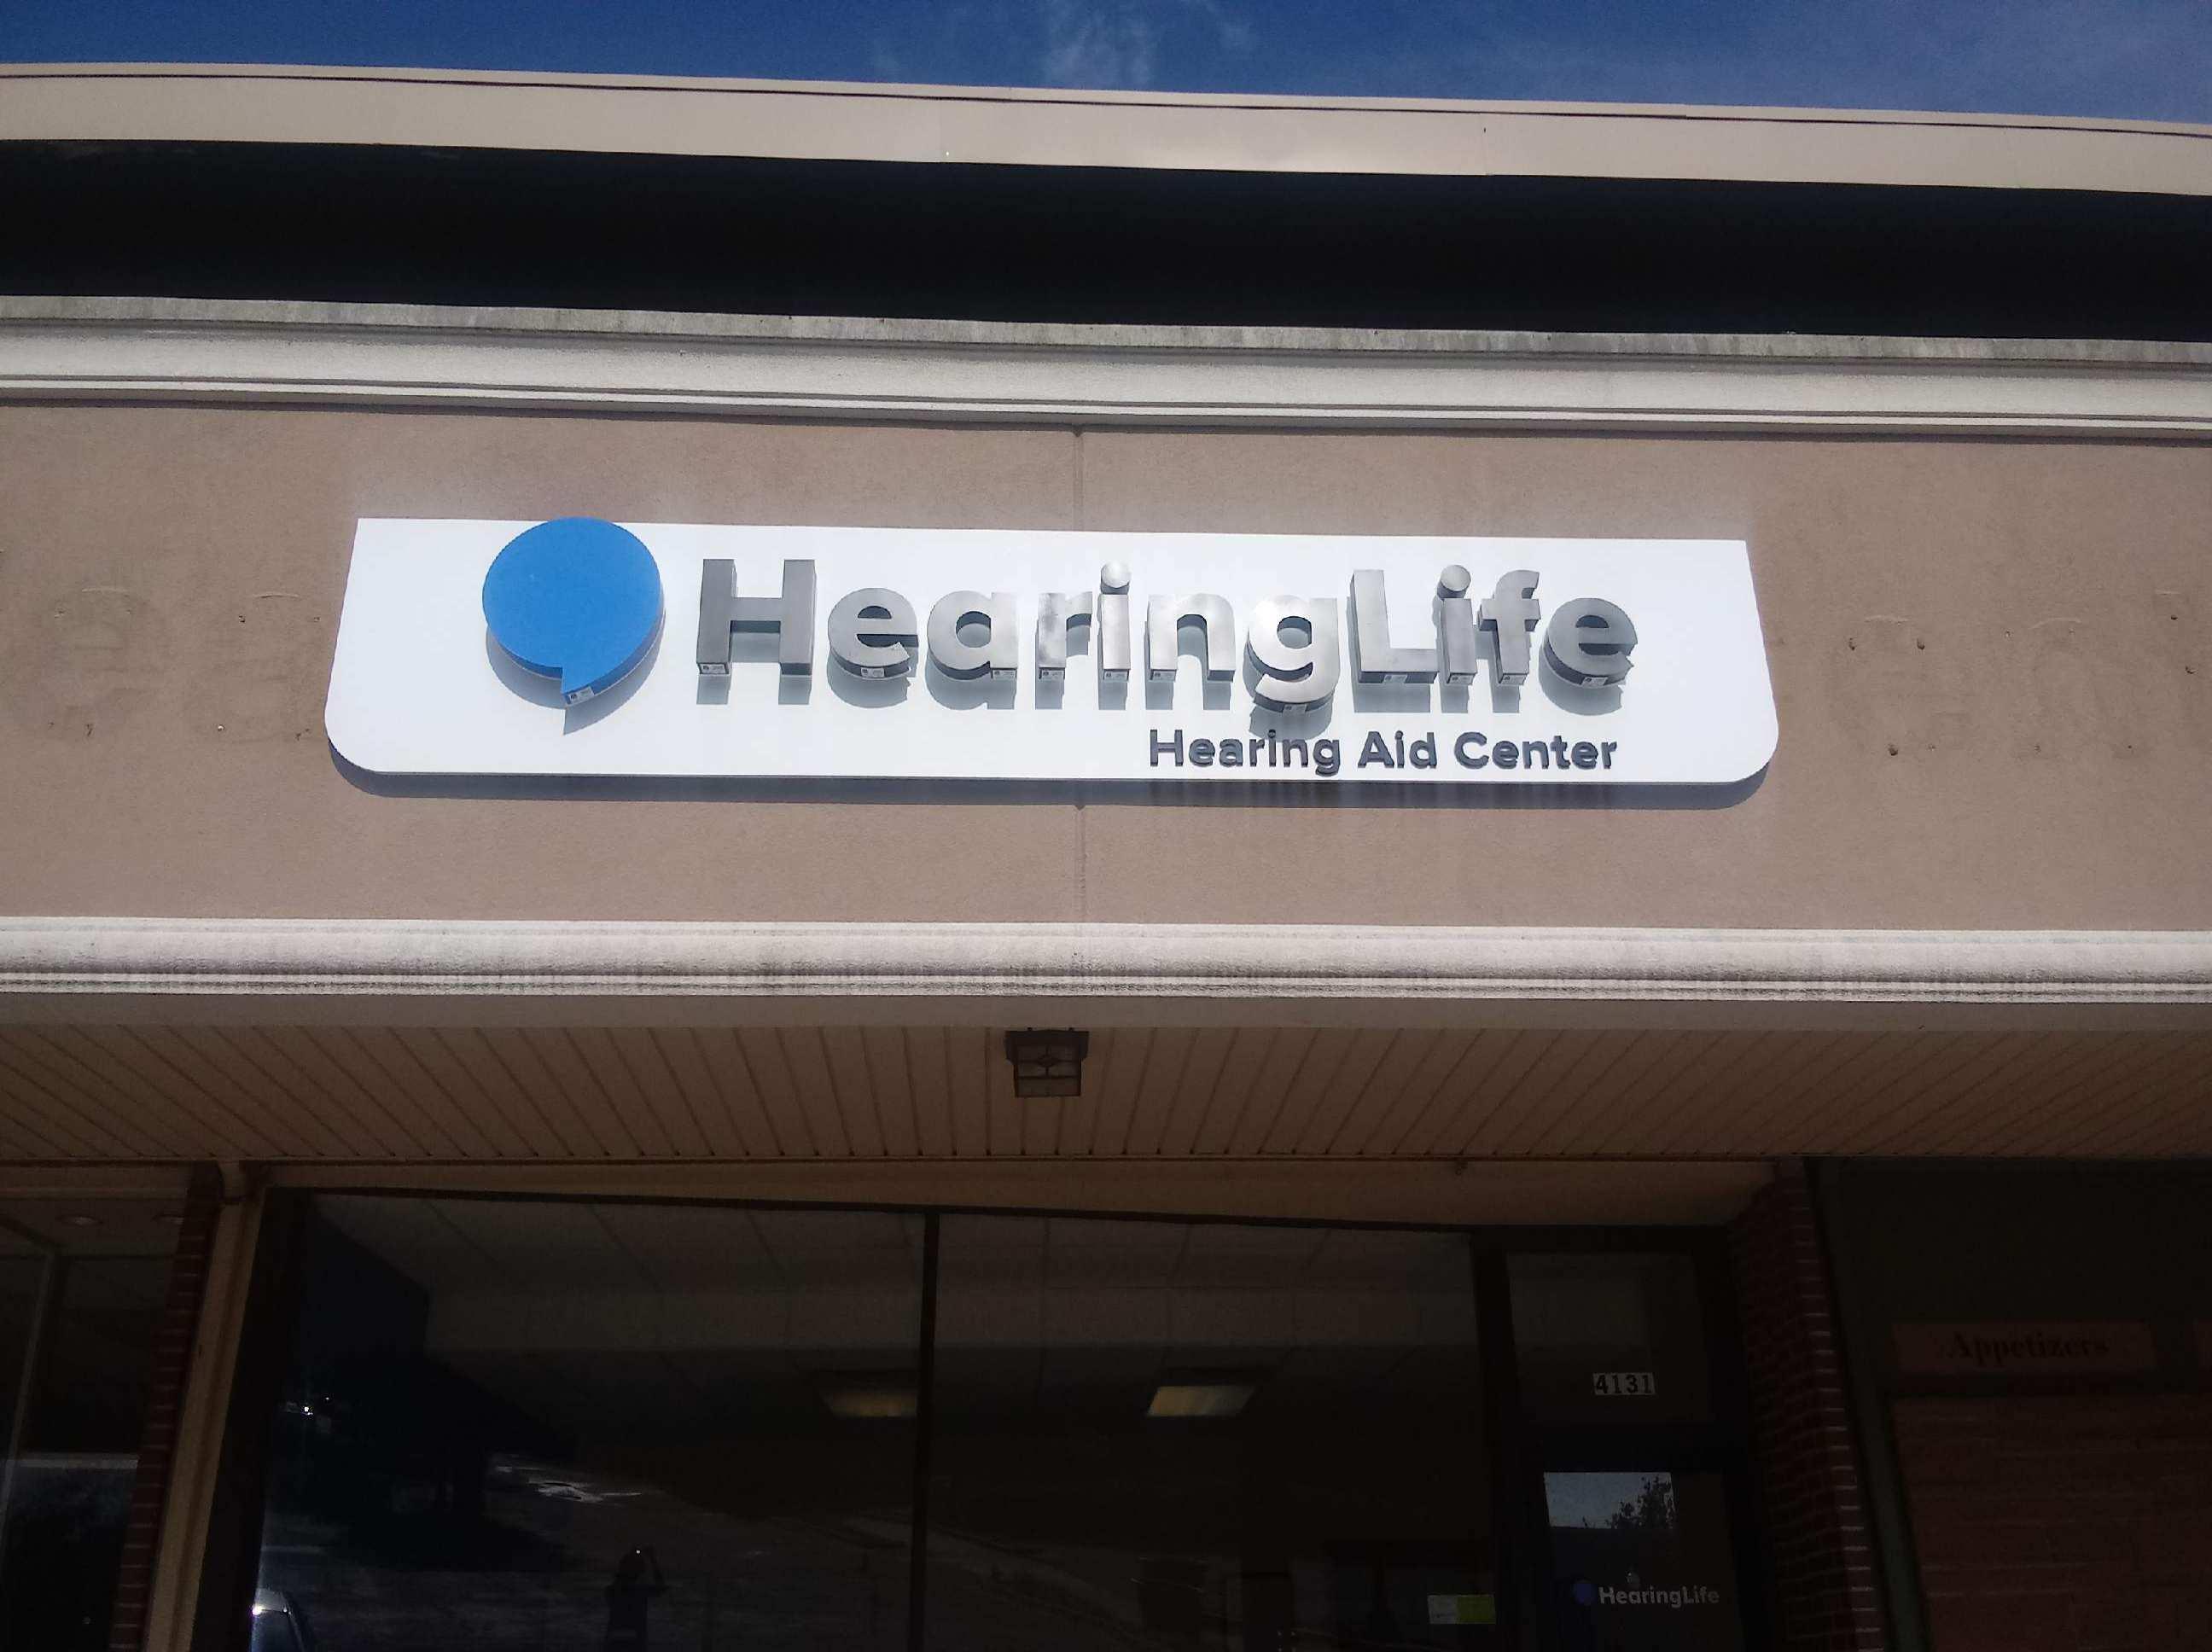 HearingLife of Topeka, KS